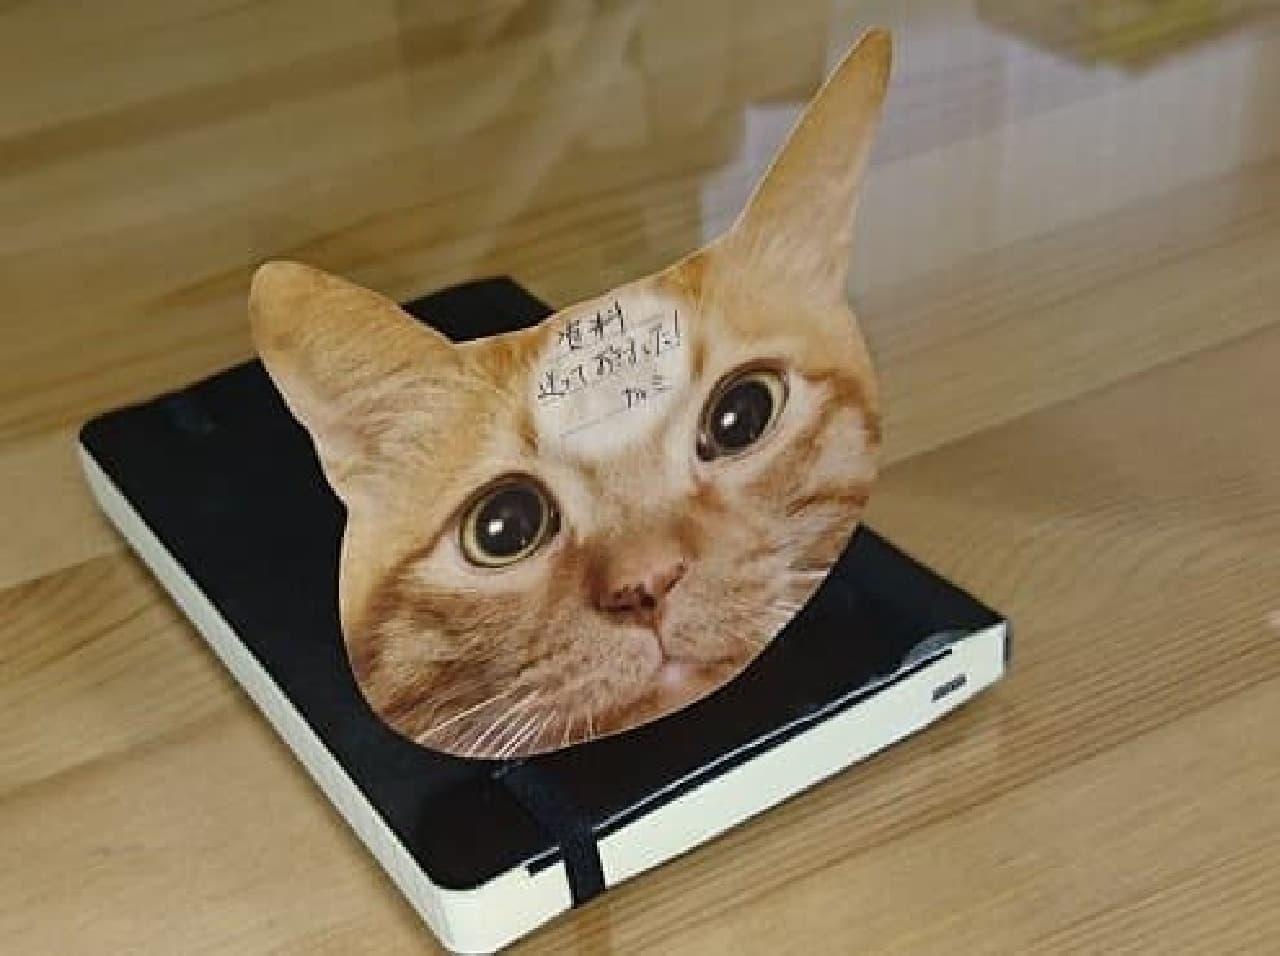 狭い場所であることを示すことわざ「猫のひたい」を商品化した「猫のひたい 付箋メモ」